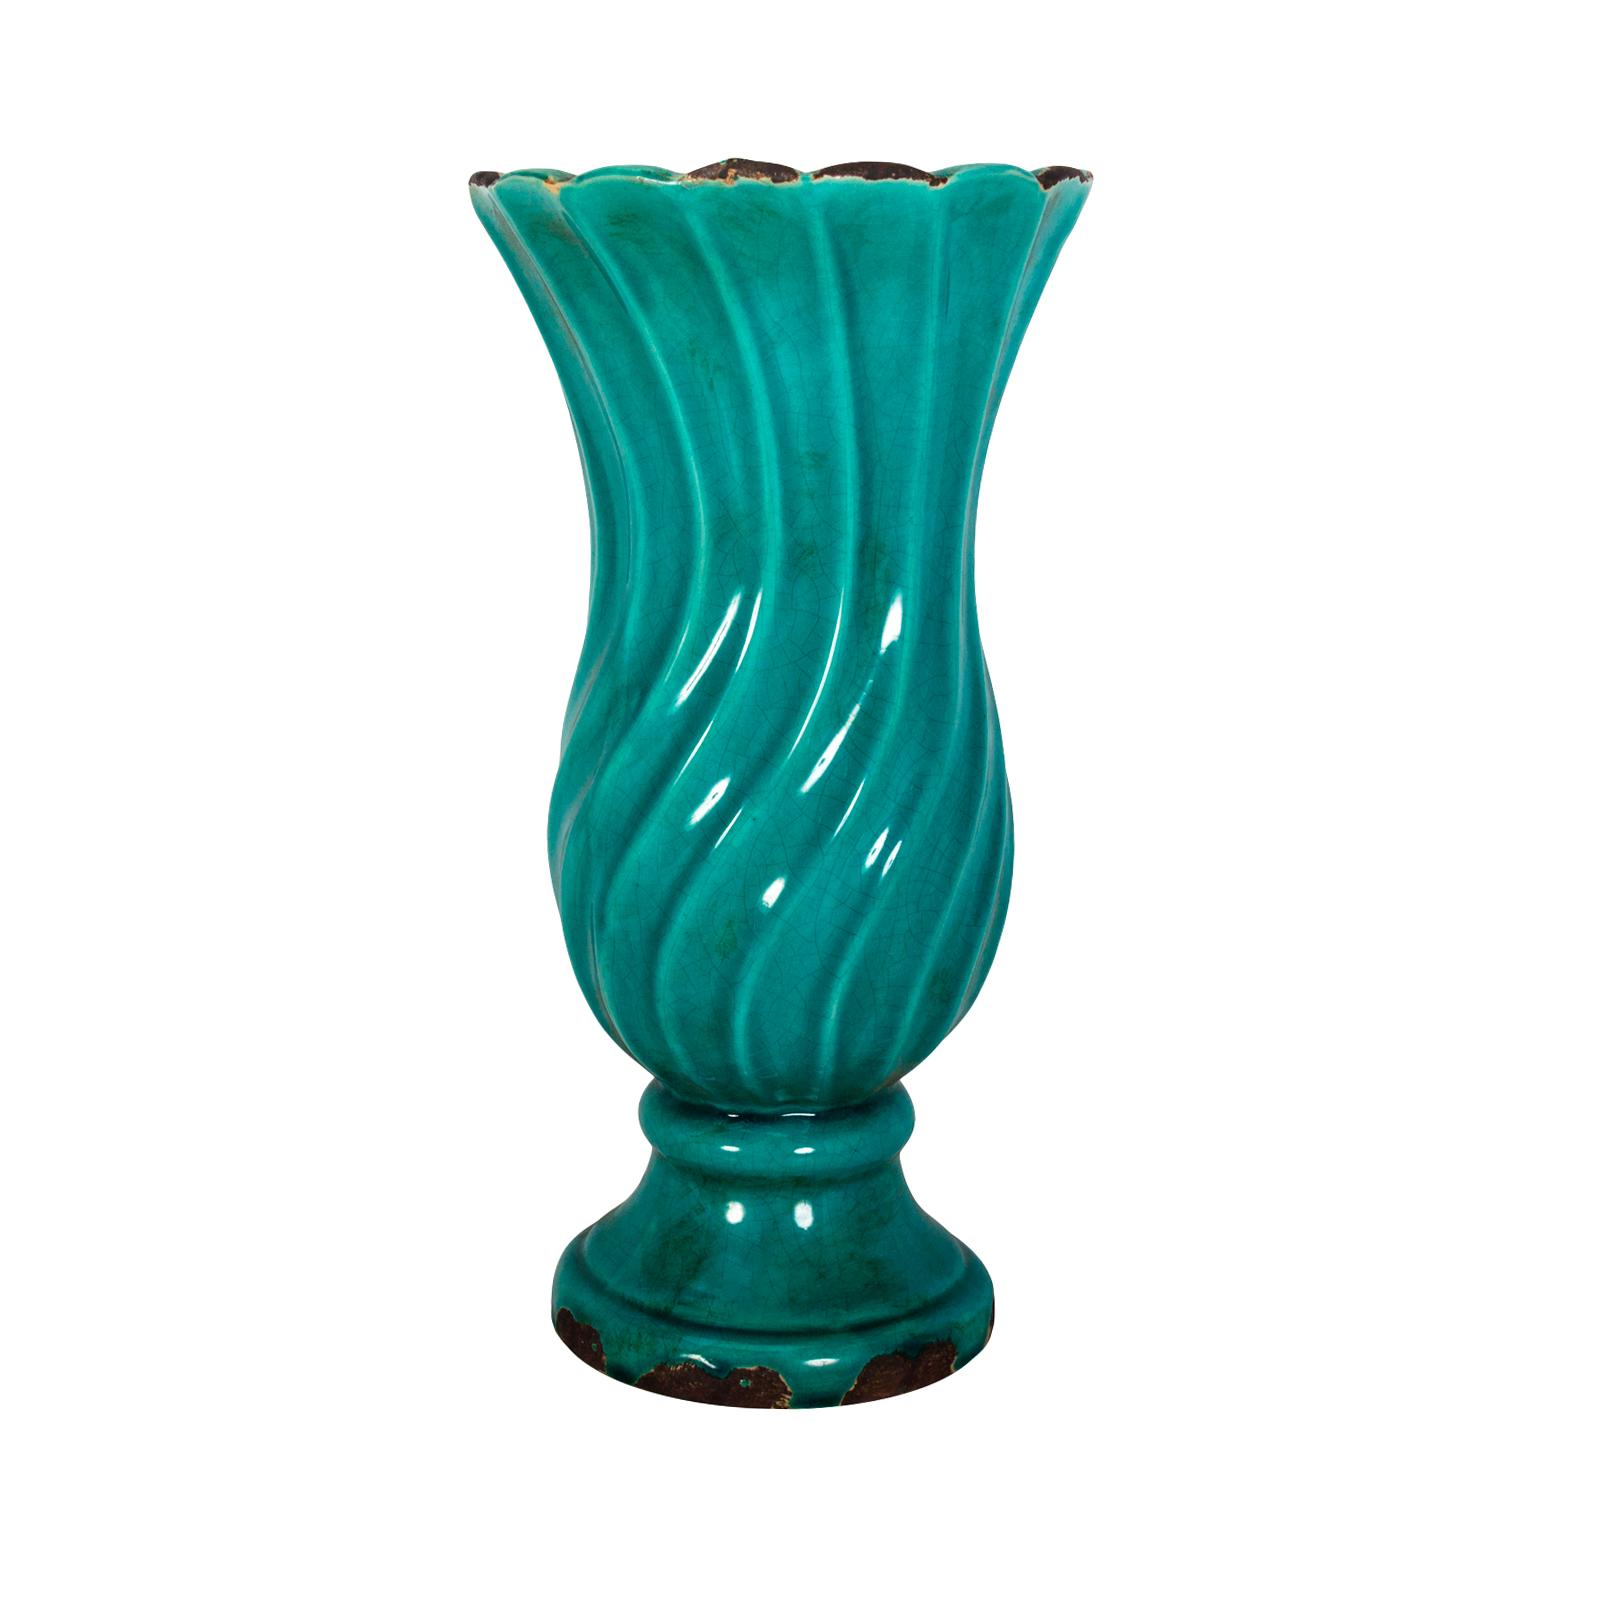 teal vase rentals event decor rental. Black Bedroom Furniture Sets. Home Design Ideas